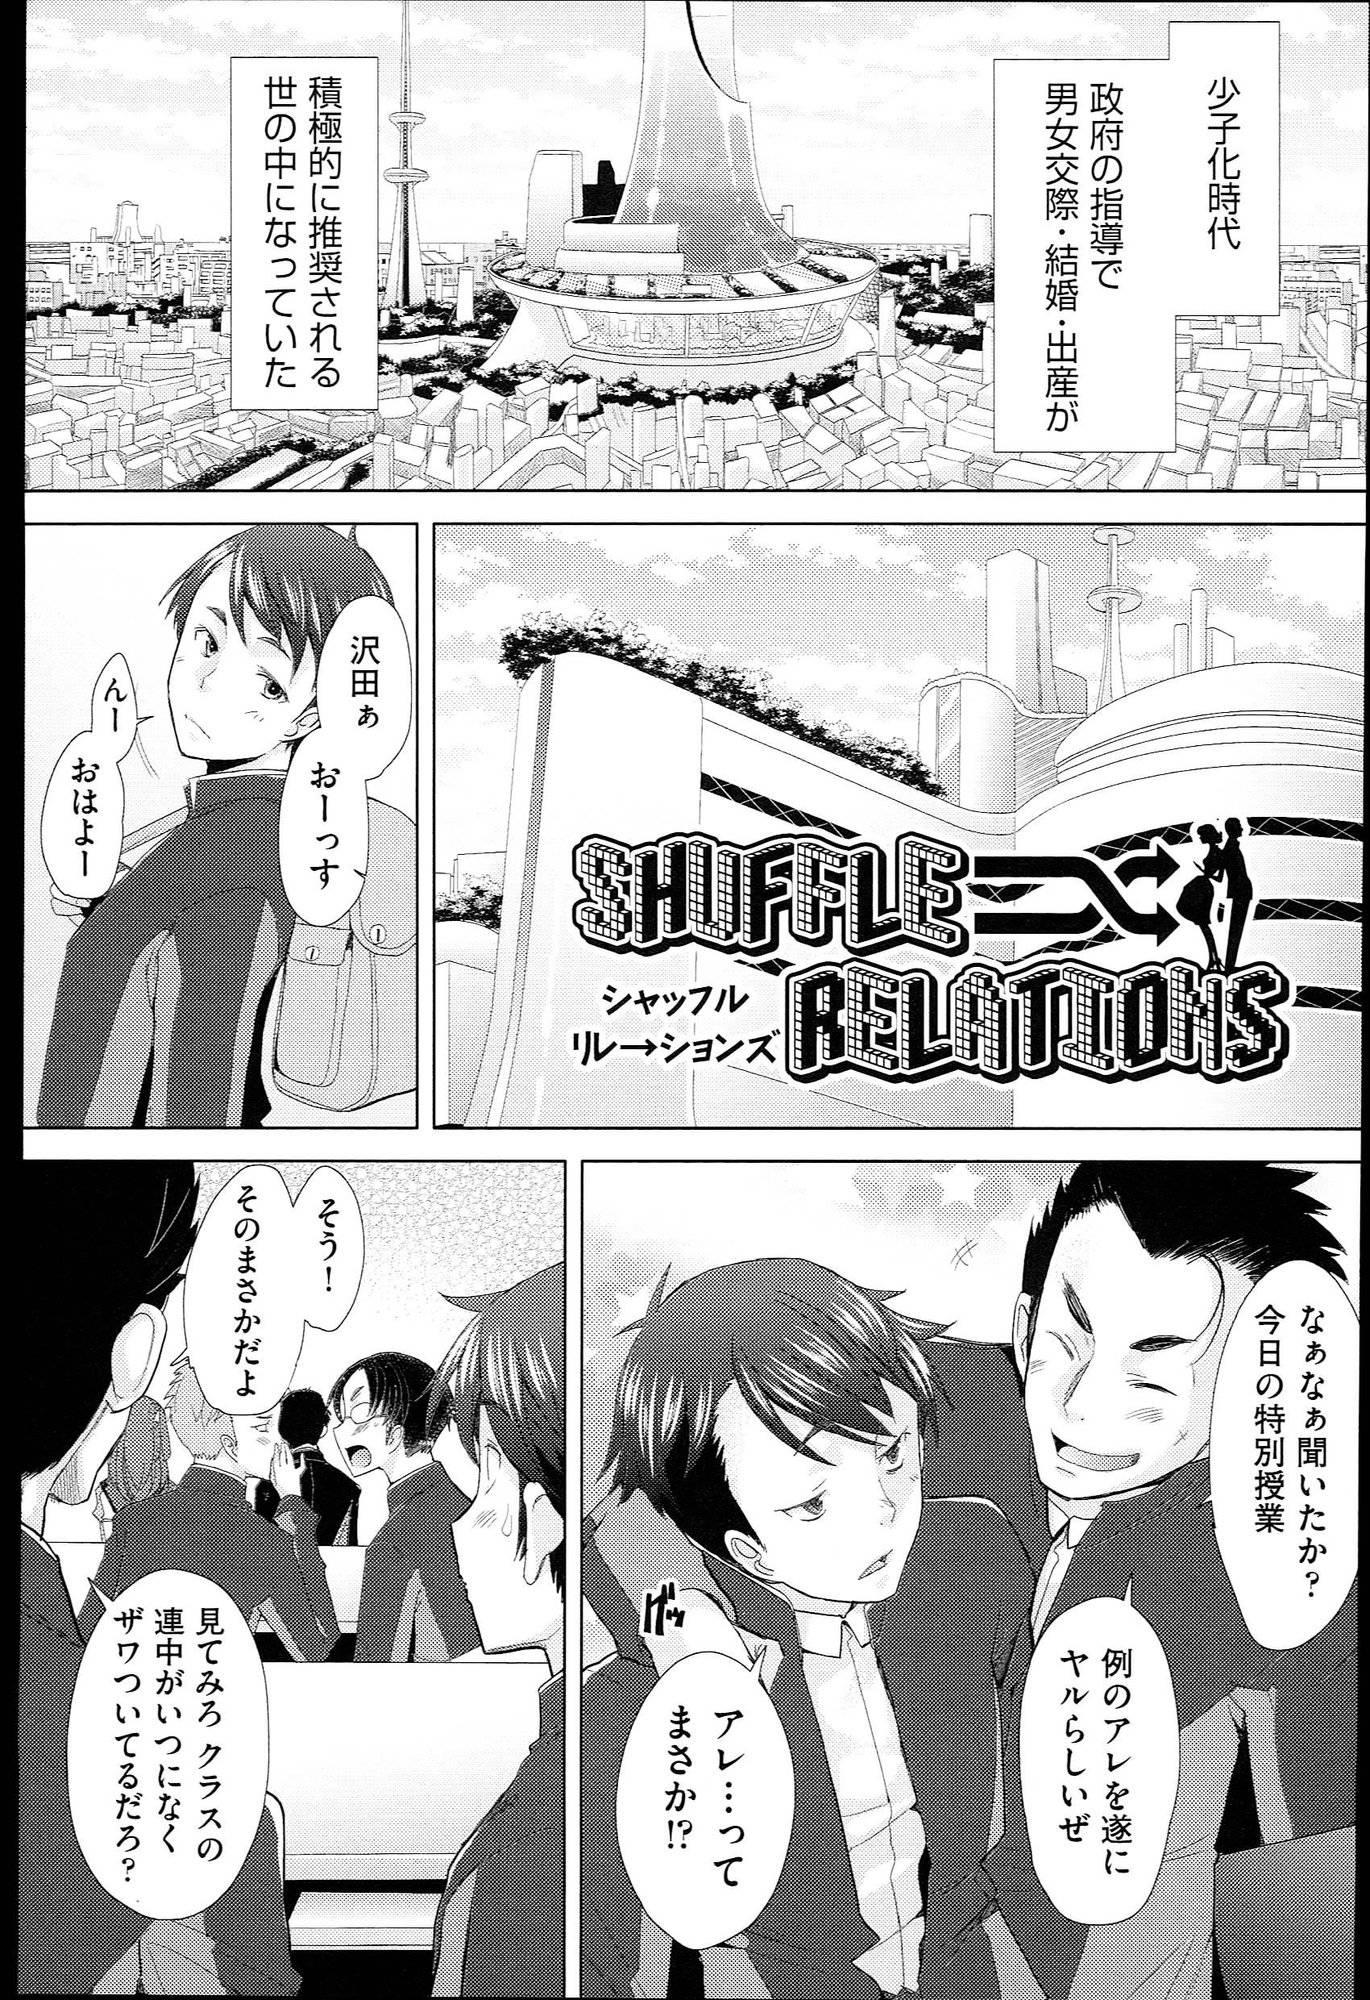 [堺はまち] Shuffle relations (1)